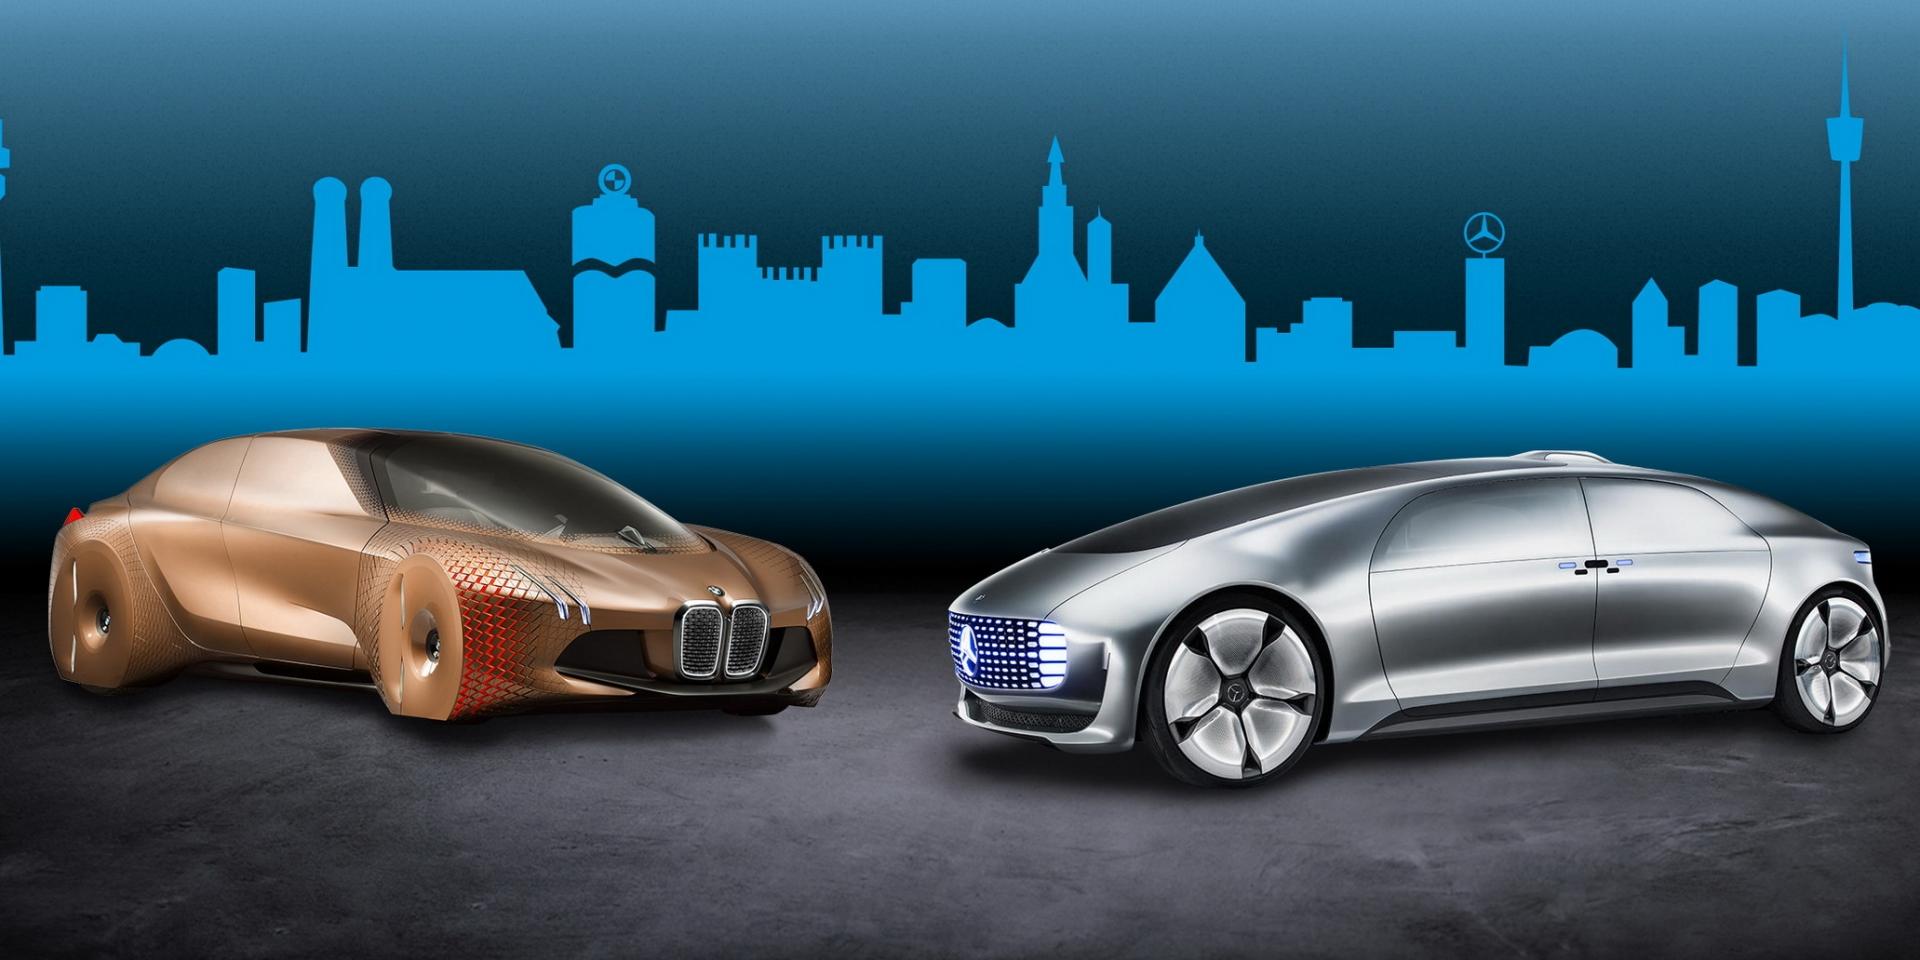 環保組織告德國雙B!只因為2030年他們還未放棄使用汽油!